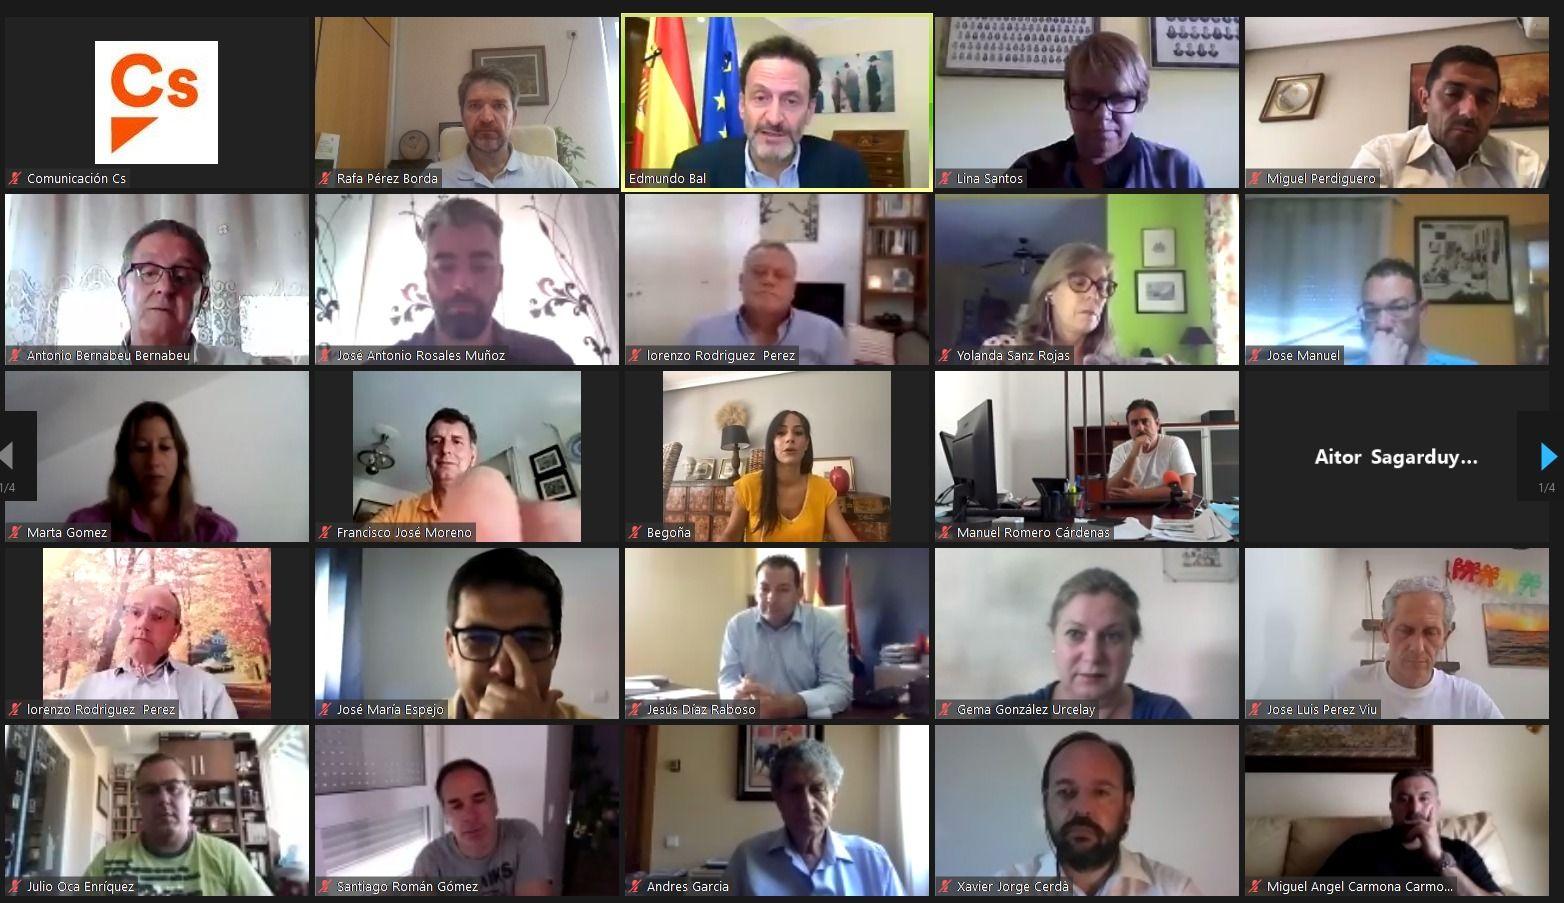 Casañ, Masías y Pérez Borda participan en el encuentro de alcaldes y tenientes de alcalde organizado por Ciudadanos